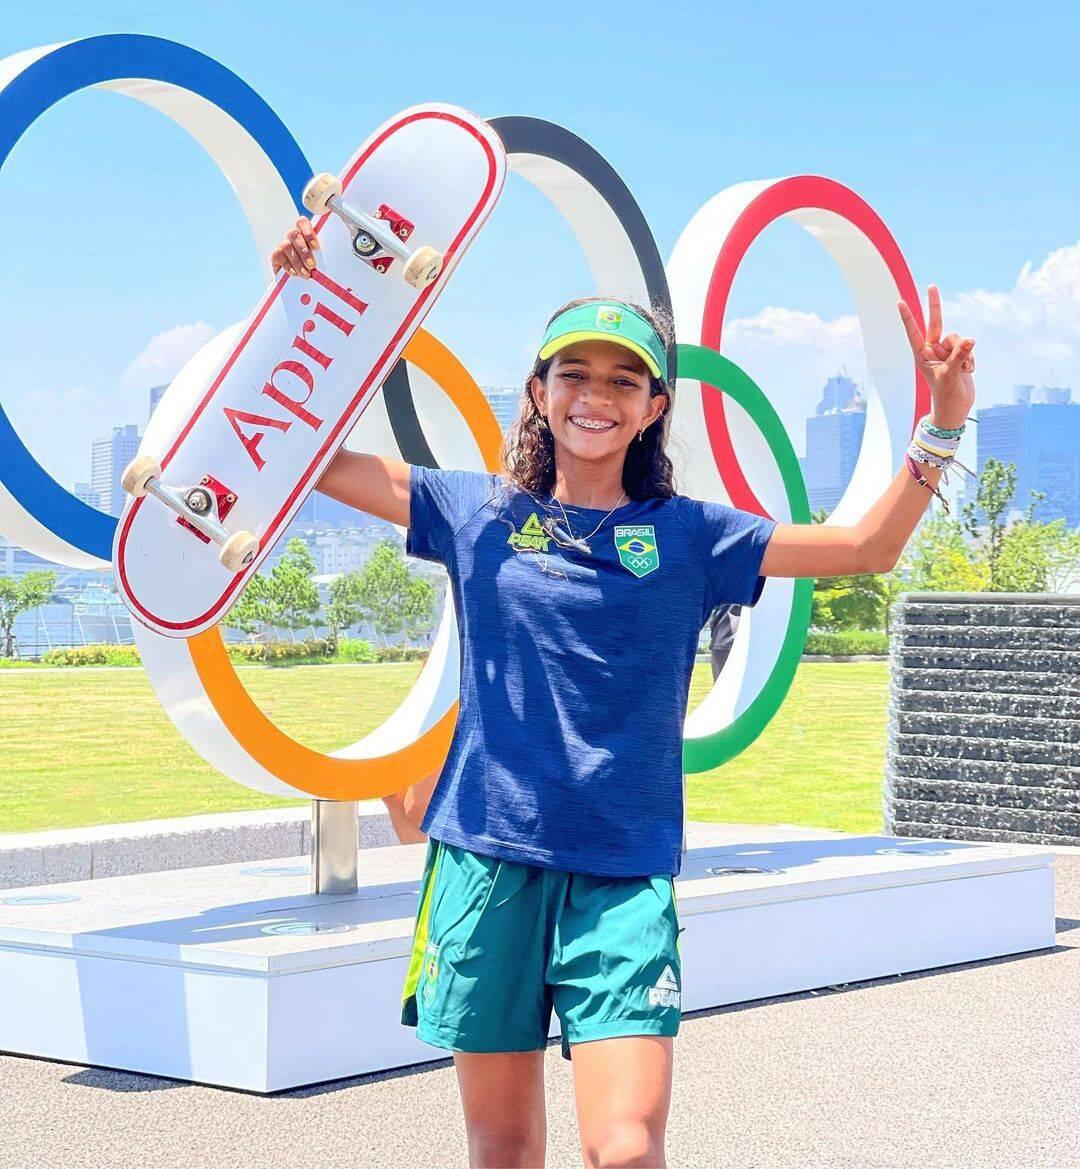 E temos a campeã mais jovem dos jogos olímpicos do Brasil (Foto: Instagram)